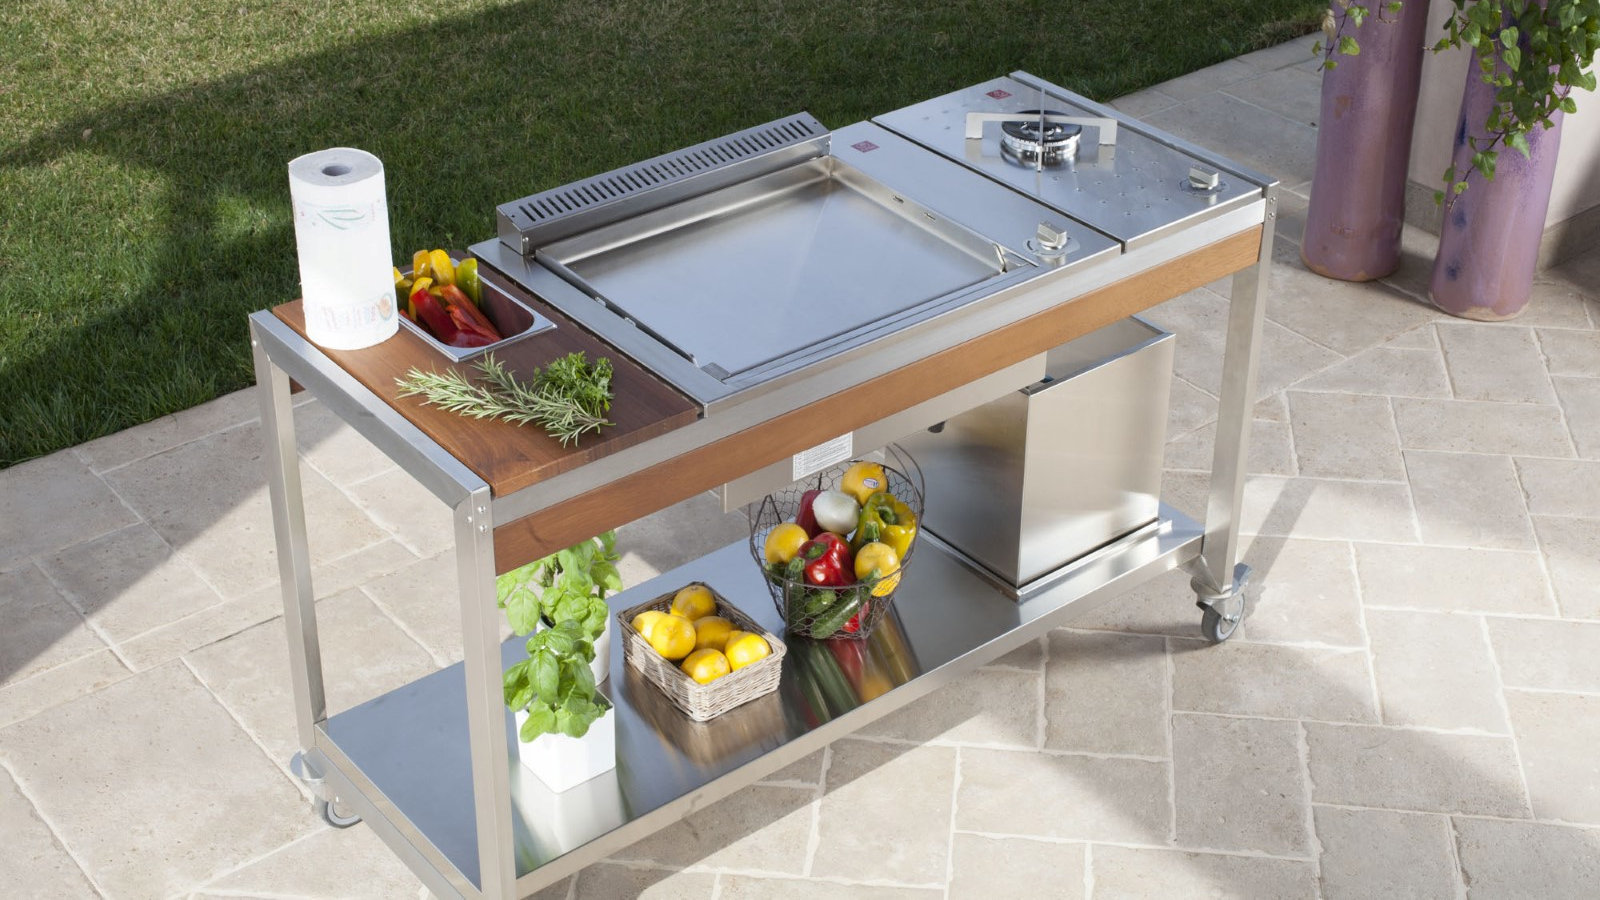 Outdoorküche Tür Preis : Modulare outdoorküche oasi von pla.net bei gardelino.de